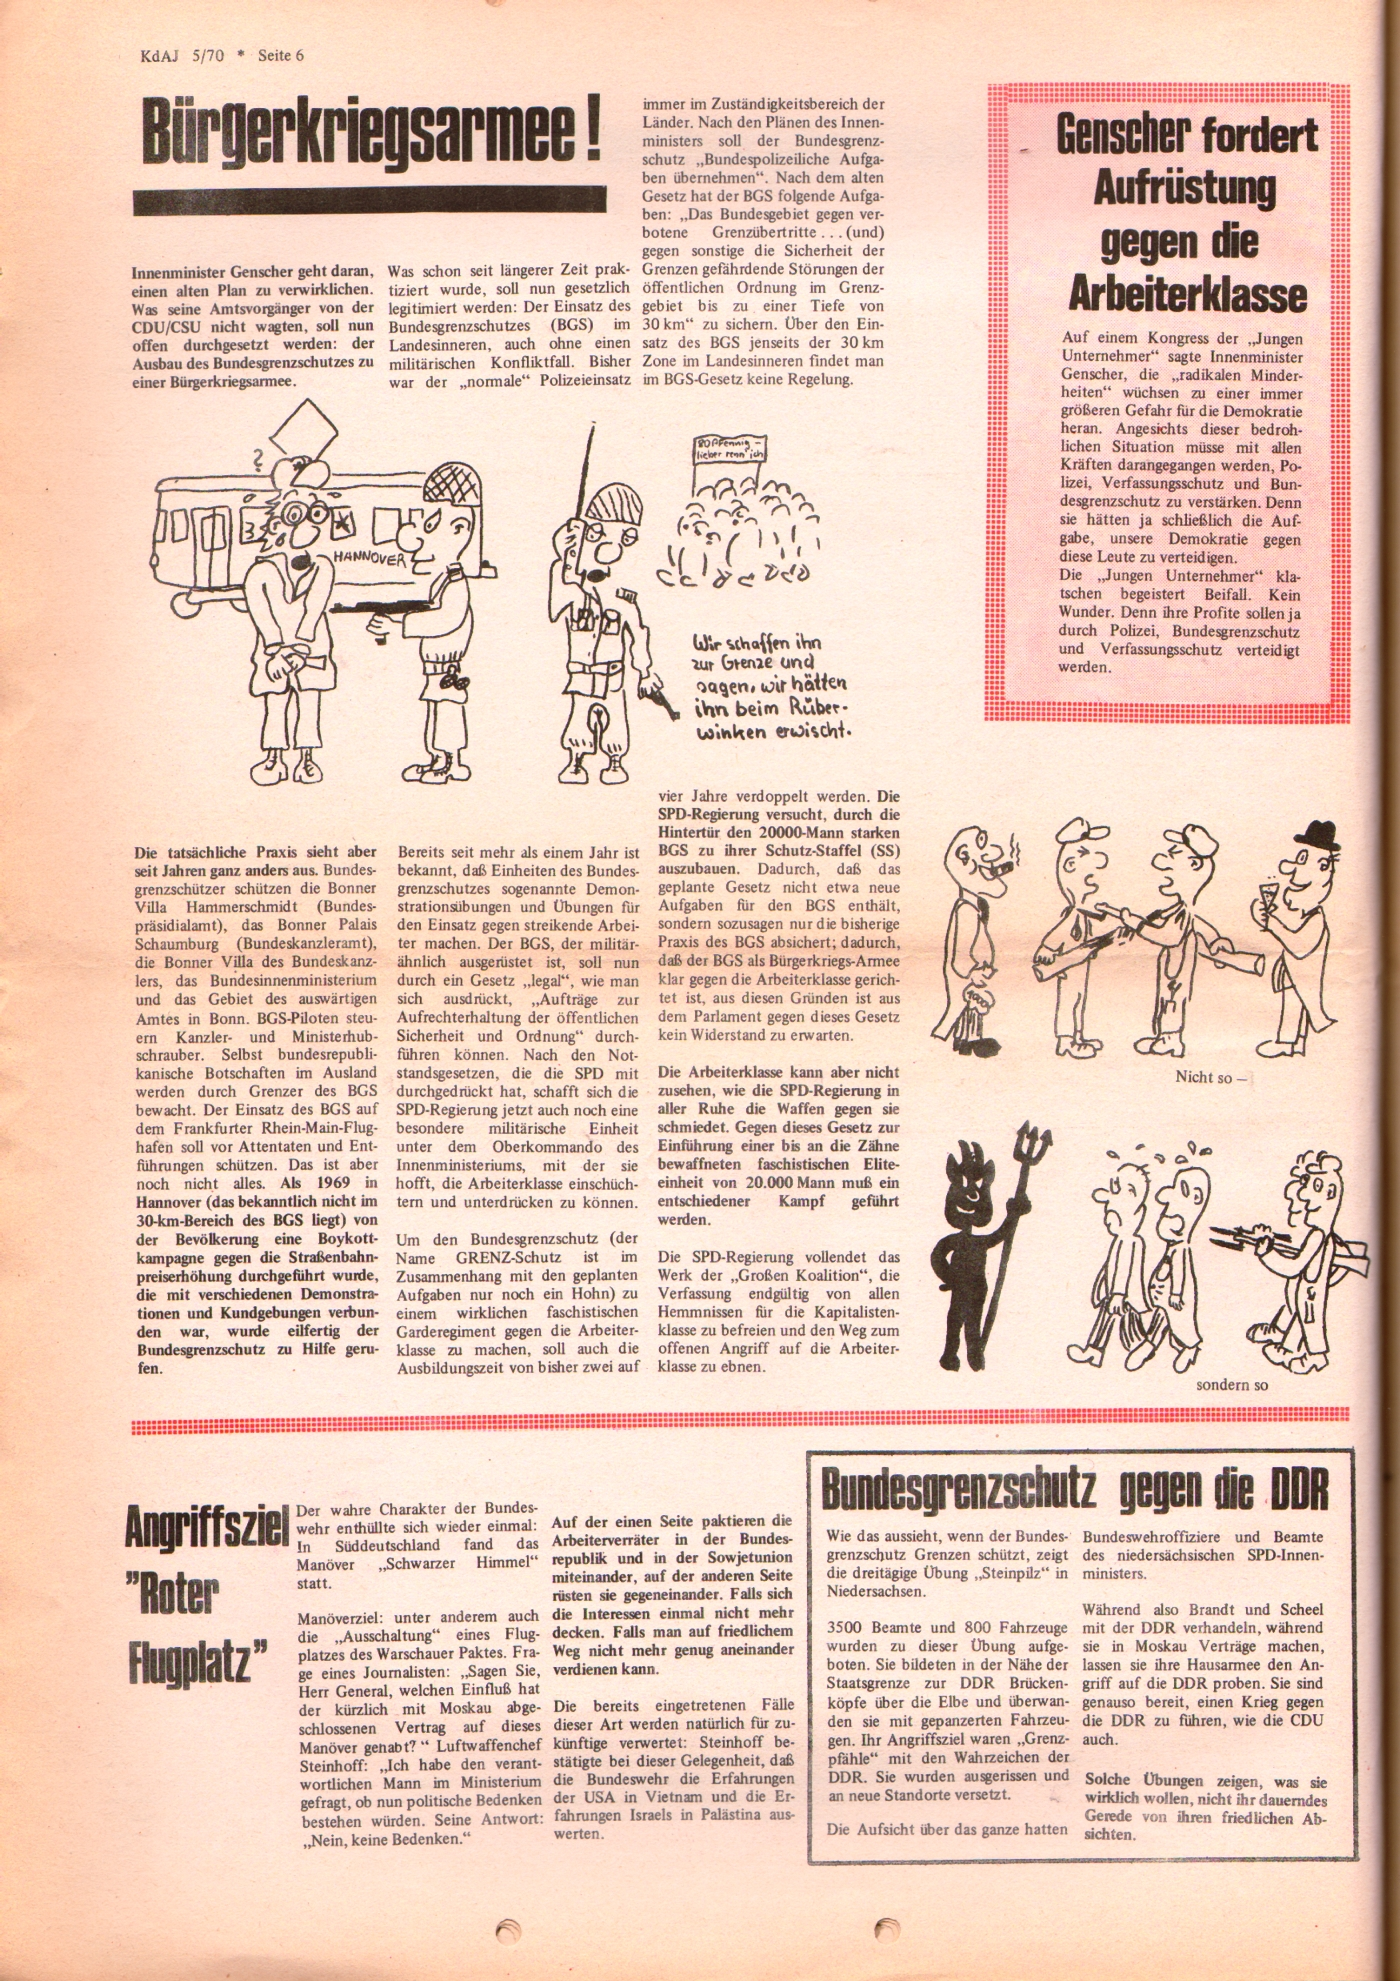 KDAJ, 1. Jg., November 1970, Nr. 5, Seite 6